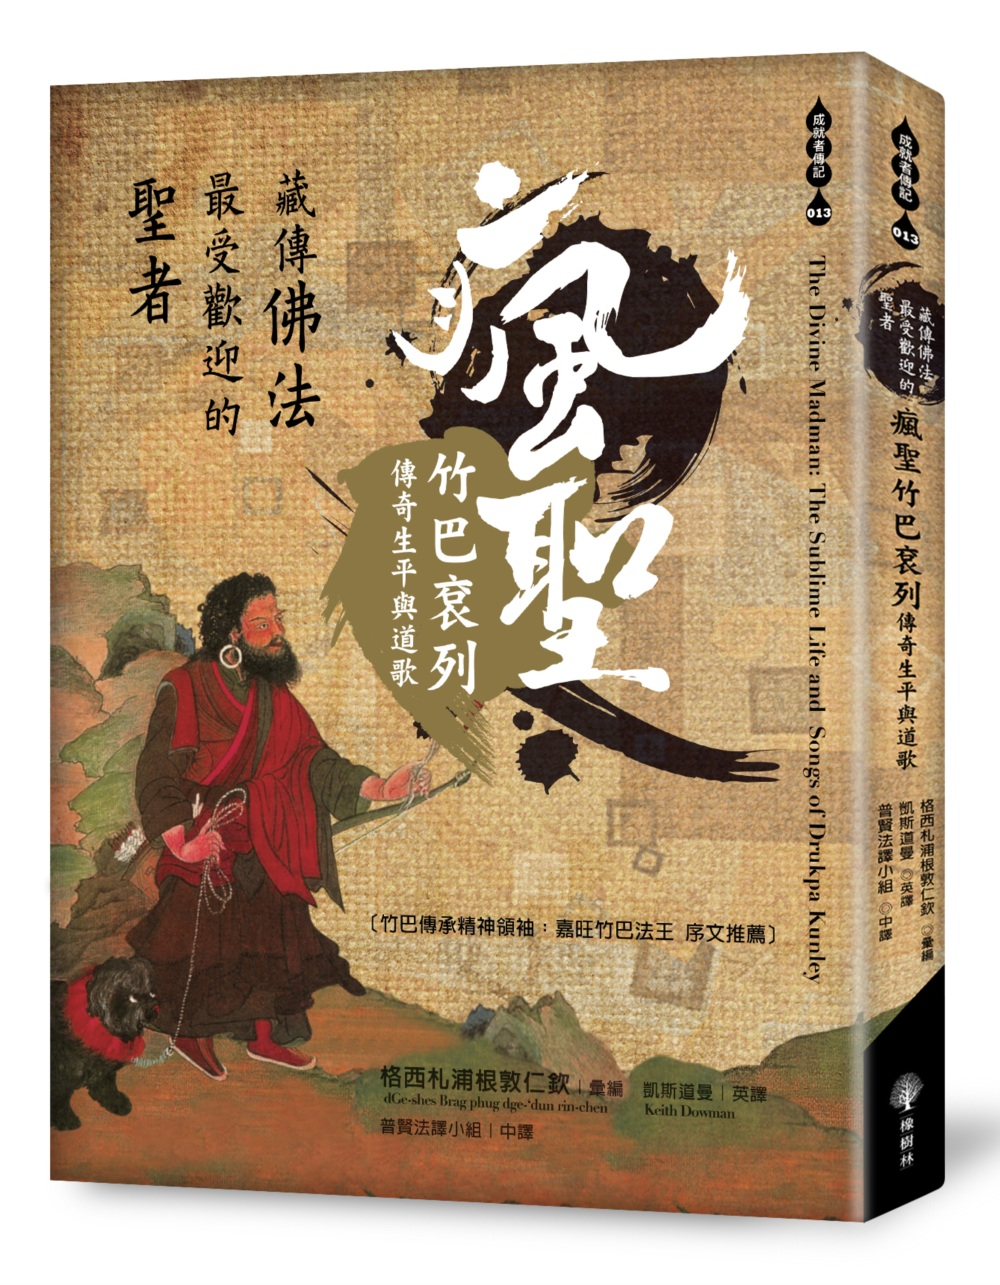 ◤博客來BOOKS◢ 暢銷書榜《推薦》藏傳佛法最受歡迎的聖者──瘋聖竹巴袞列傳奇生平與道歌